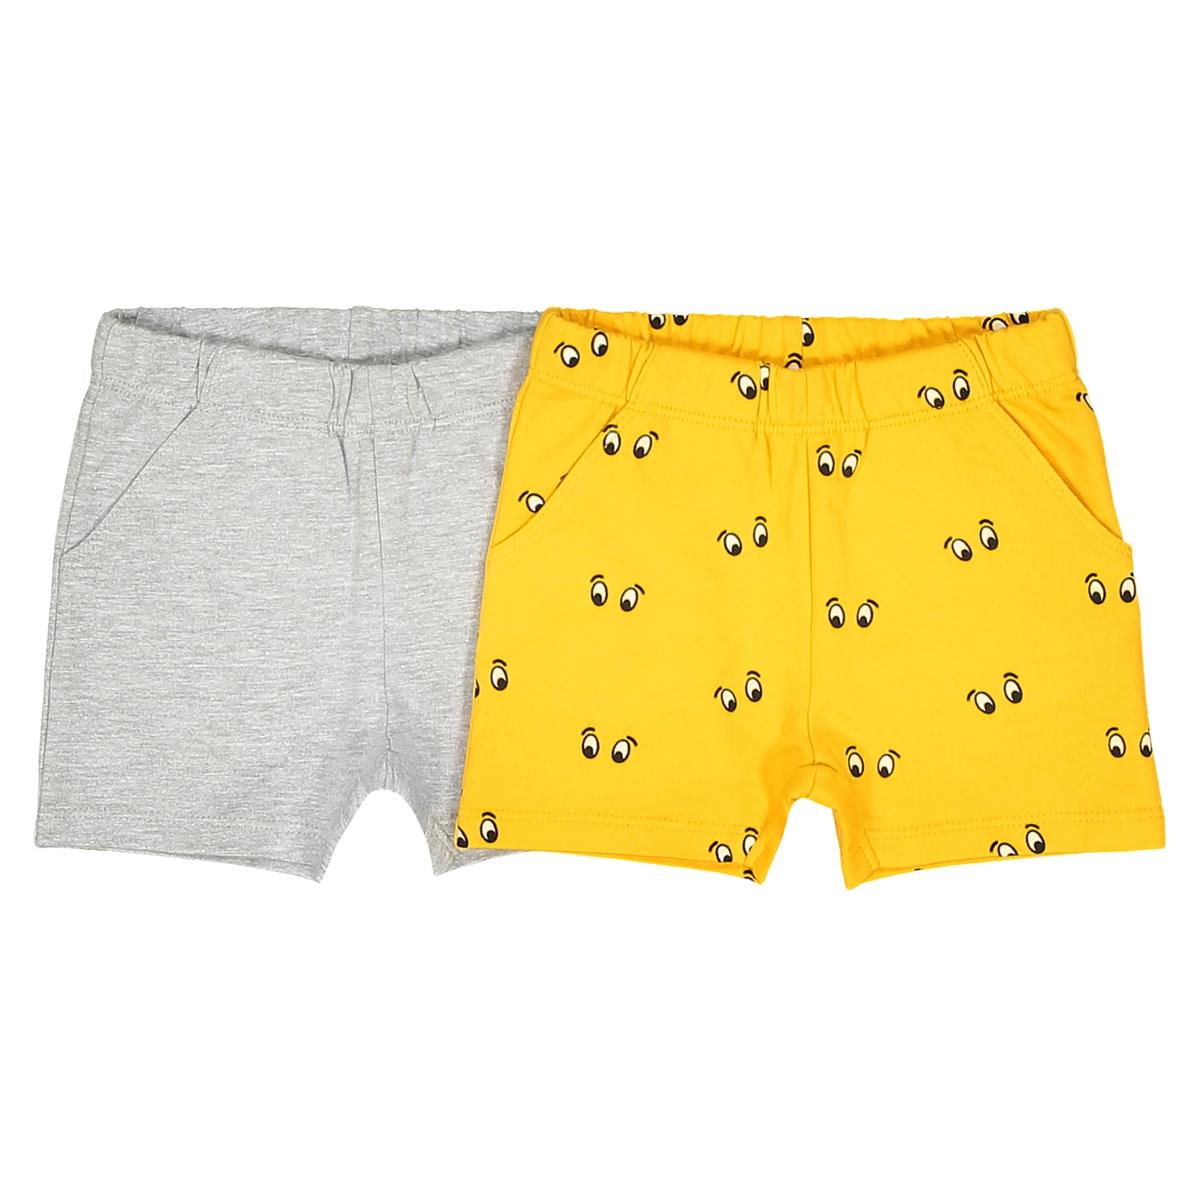 Комплект из 2 шортов: однотонные шорты и шорты с рисунком - 1 мес. - 3 года шорты пляжные с рисунком кактус сбоку 1 мес 3 года